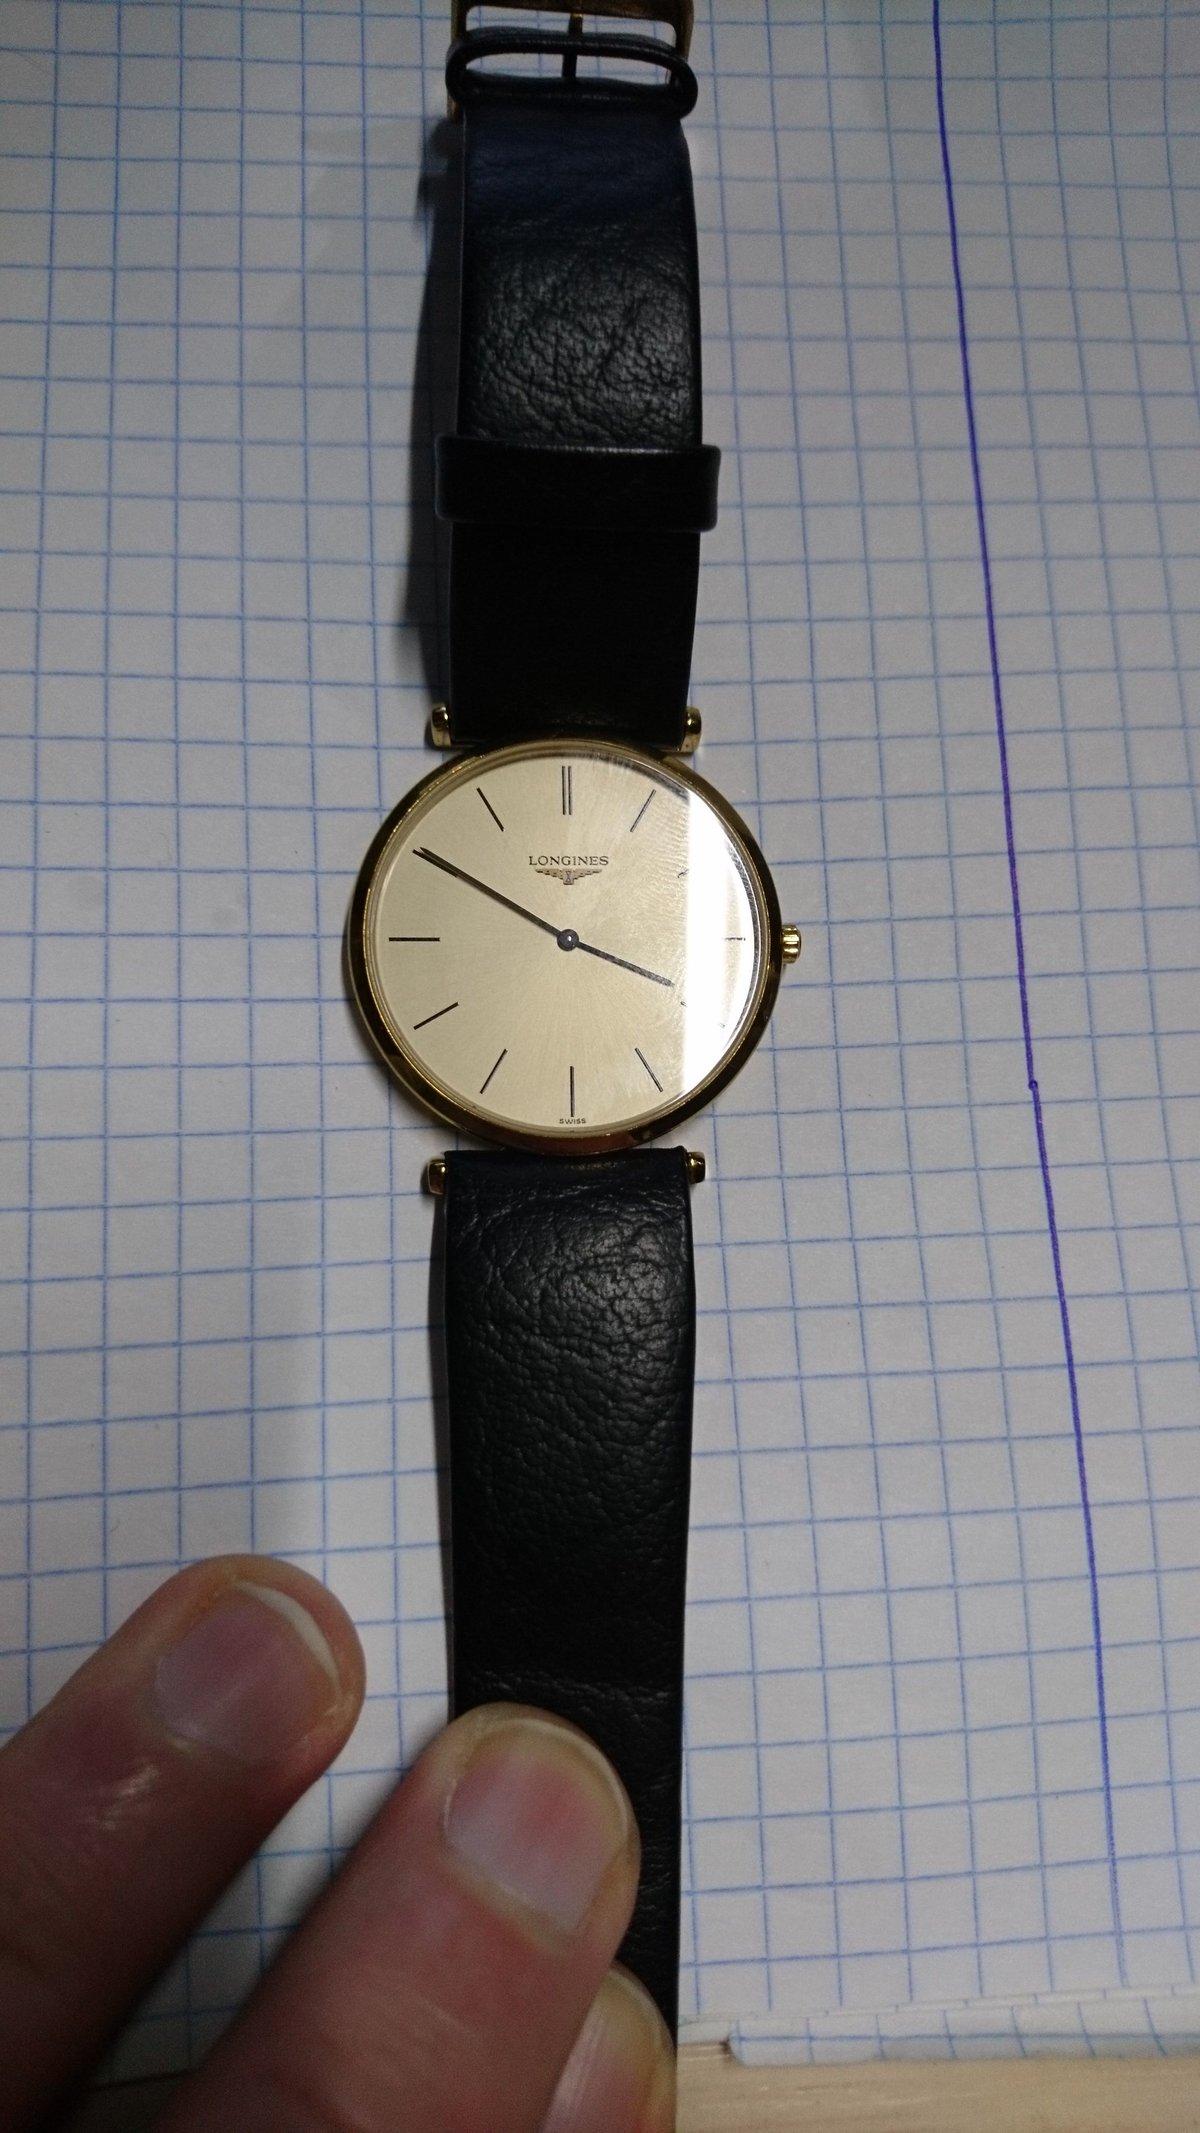 Бу продать часы наручные квартиру томск сдам на часы